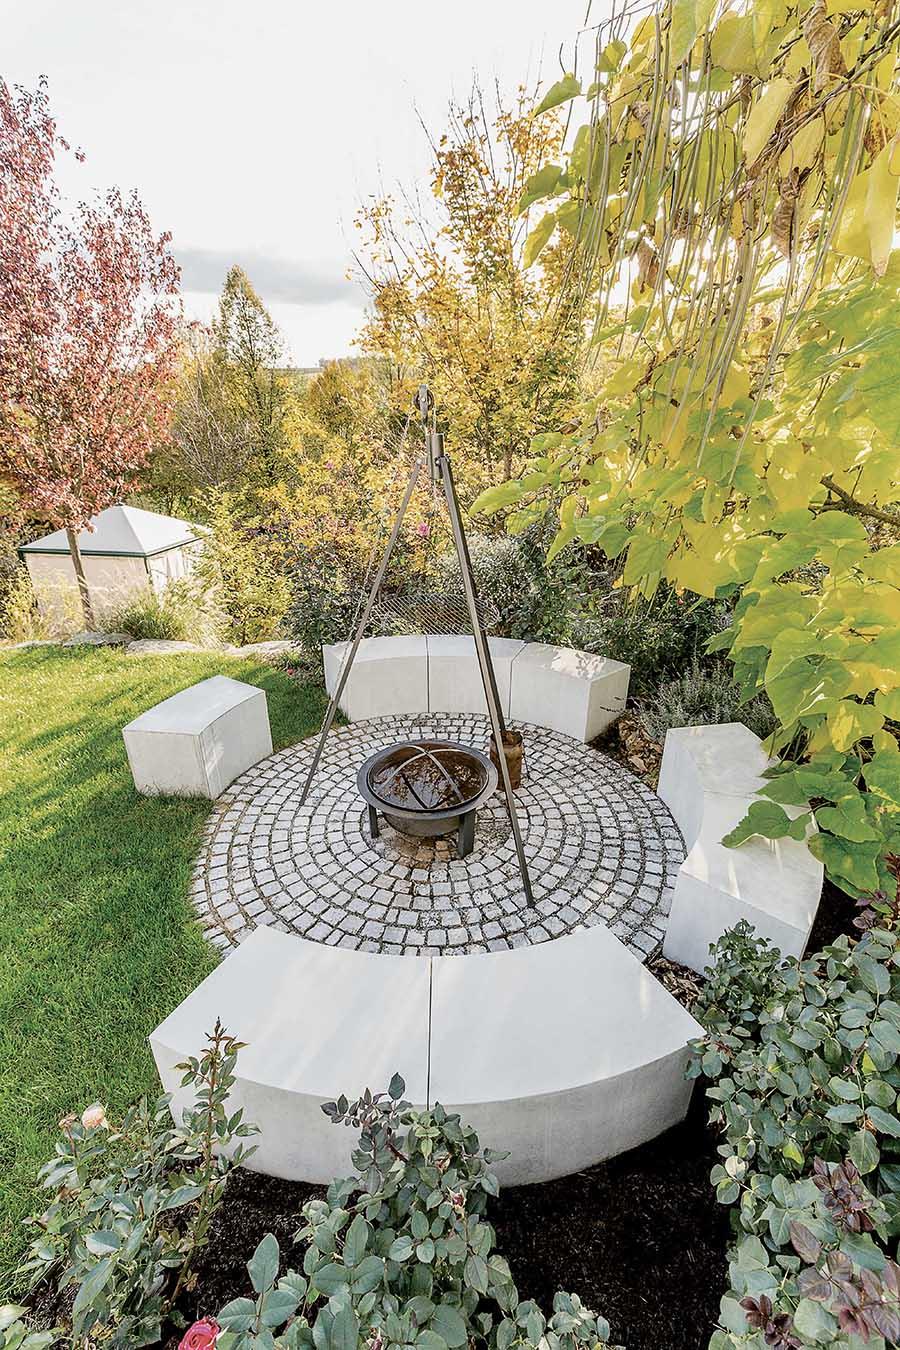 Grillstelle im Garten Ideen